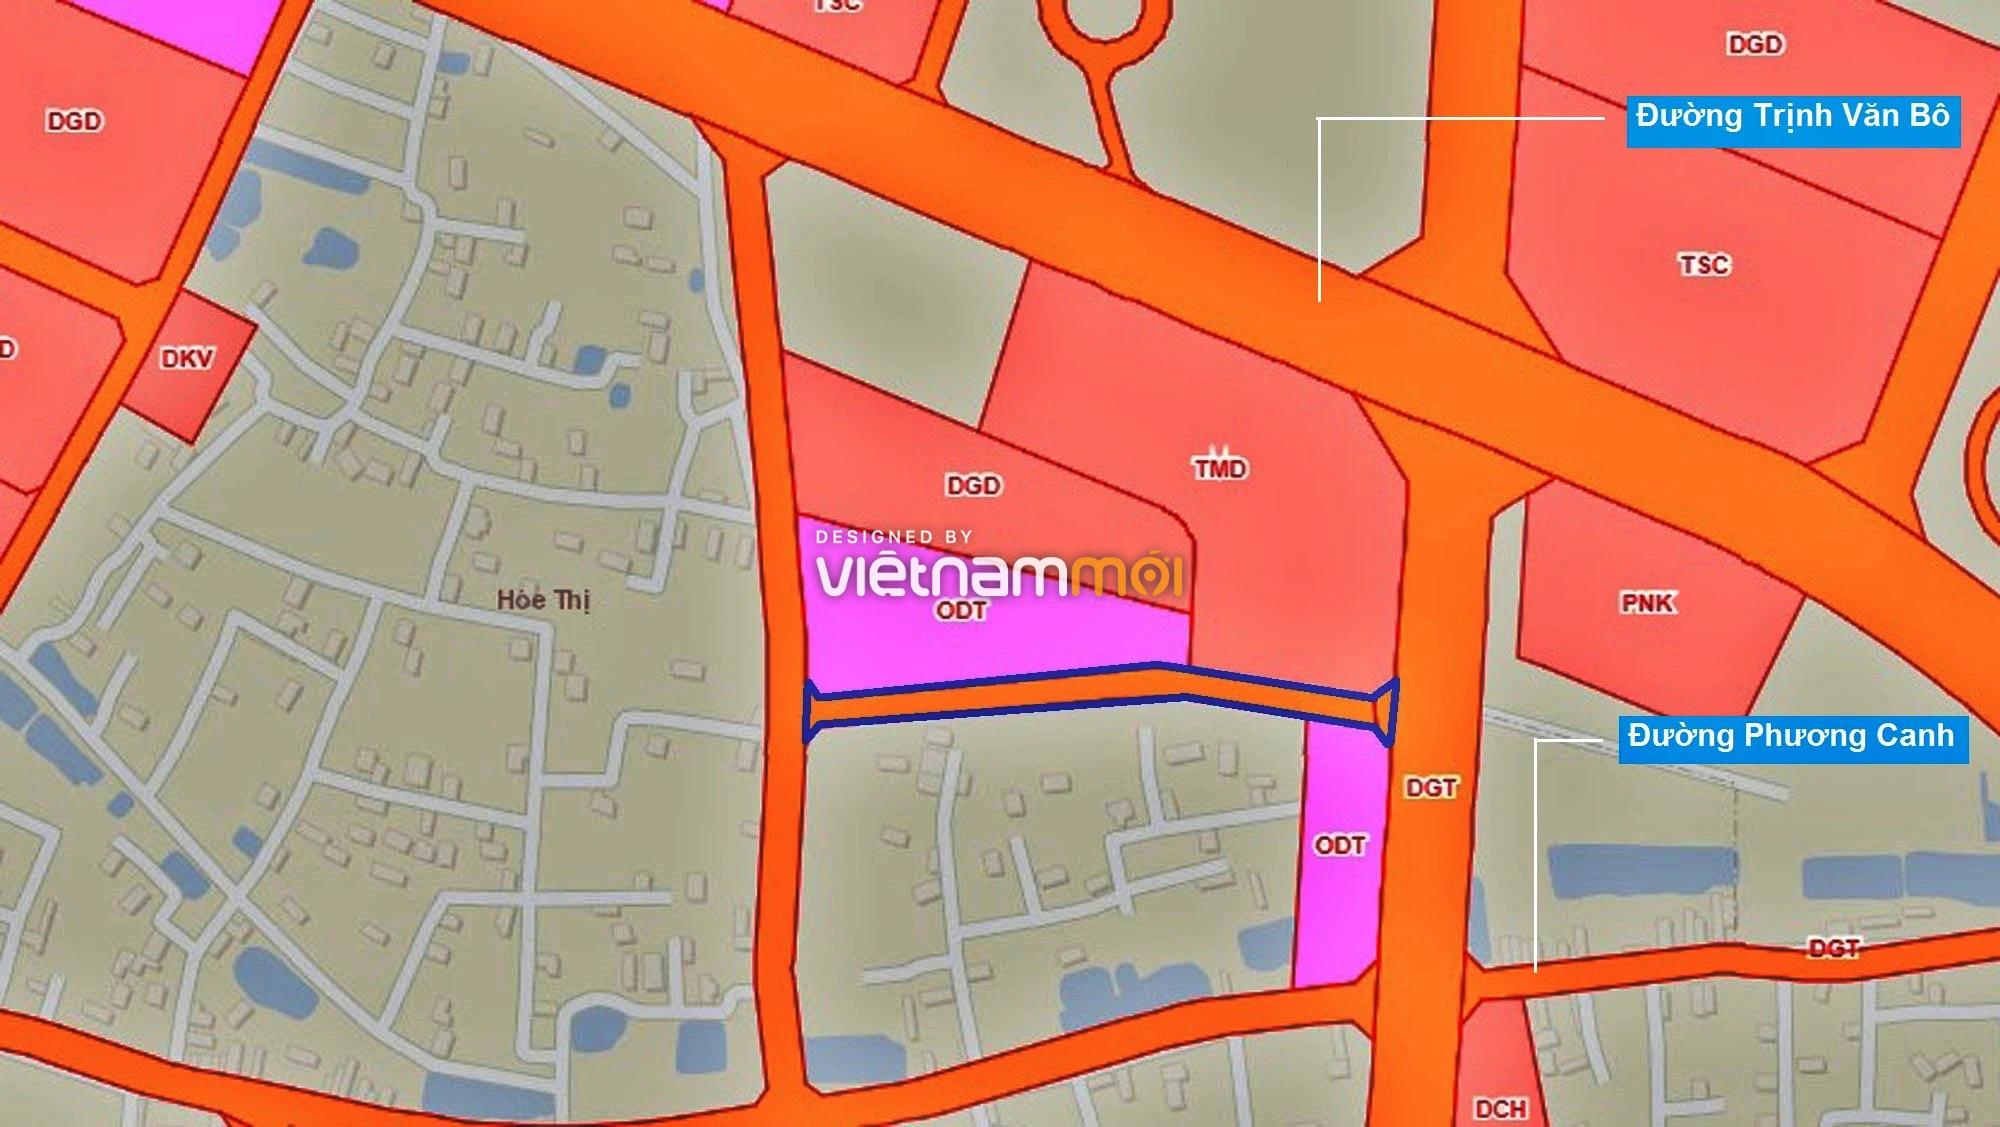 Những khu đất sắp thu hồi để mở đường ở phường Xuân Phương, Nam Từ Liêm, Hà Nội (phần 1) - Ảnh 12.